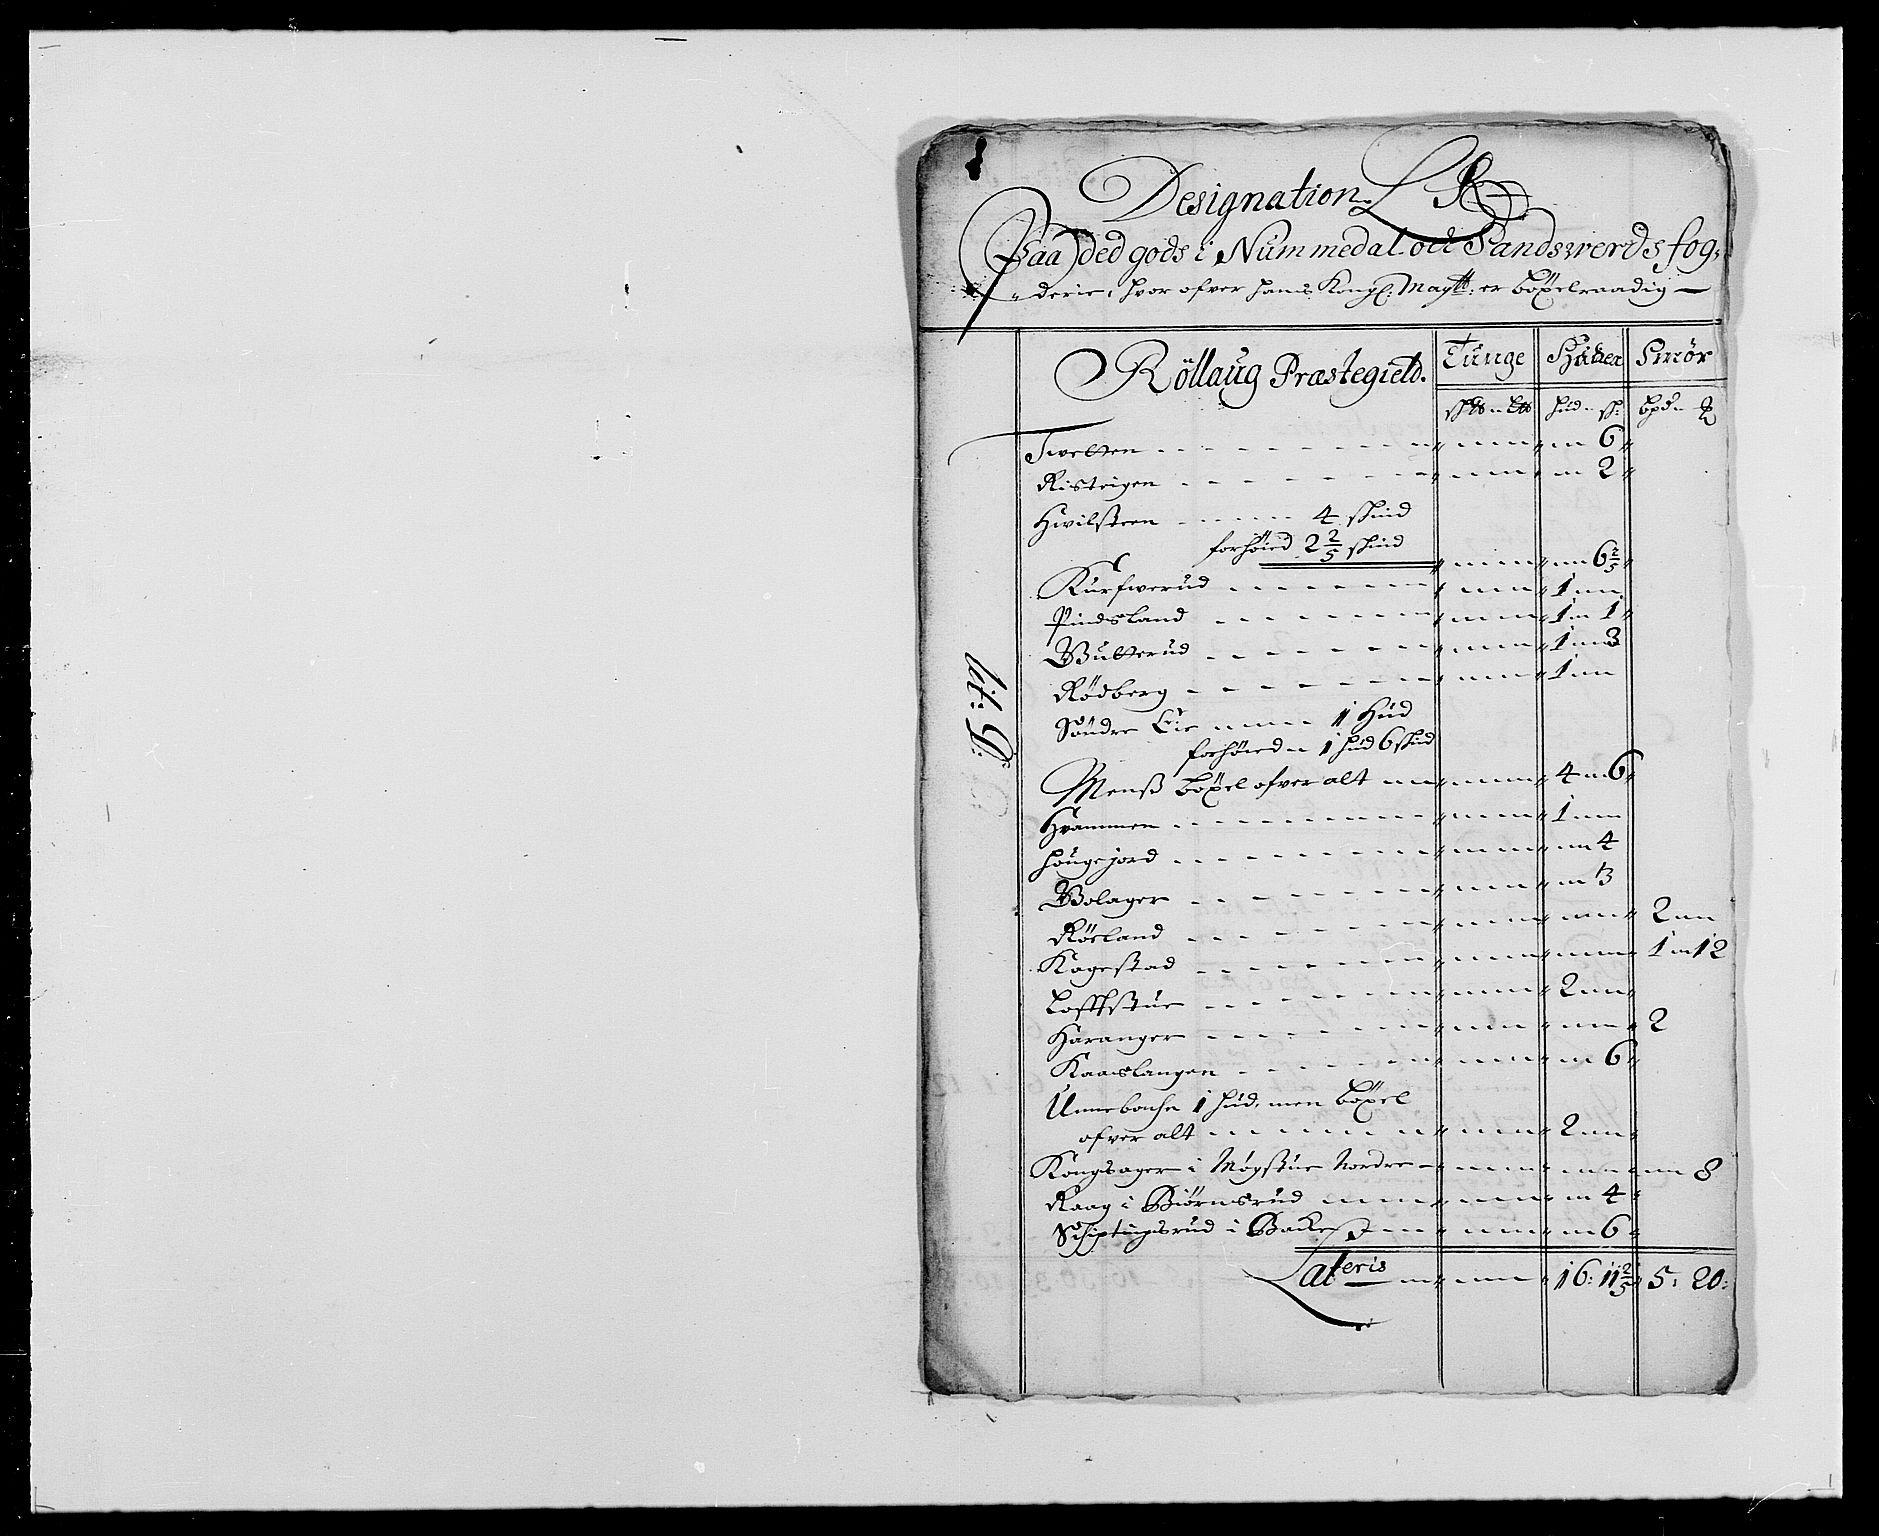 RA, Rentekammeret inntil 1814, Reviderte regnskaper, Fogderegnskap, R24/L1573: Fogderegnskap Numedal og Sandsvær, 1687-1691, s. 373